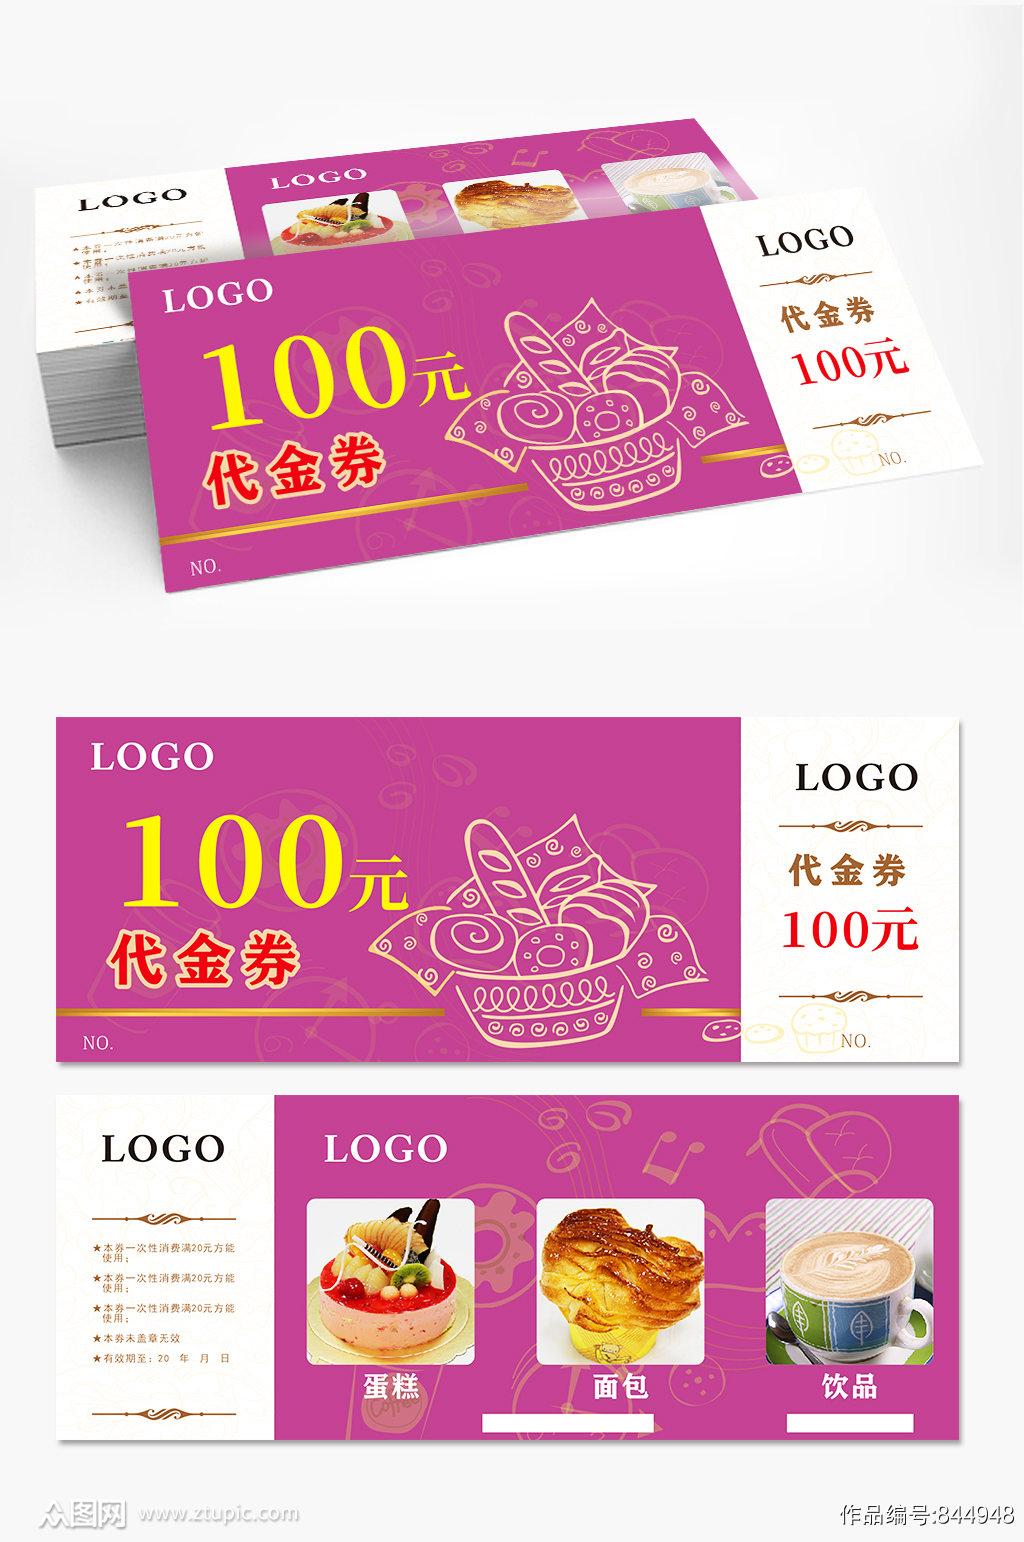 高端紫色甜品店代金券设计素材